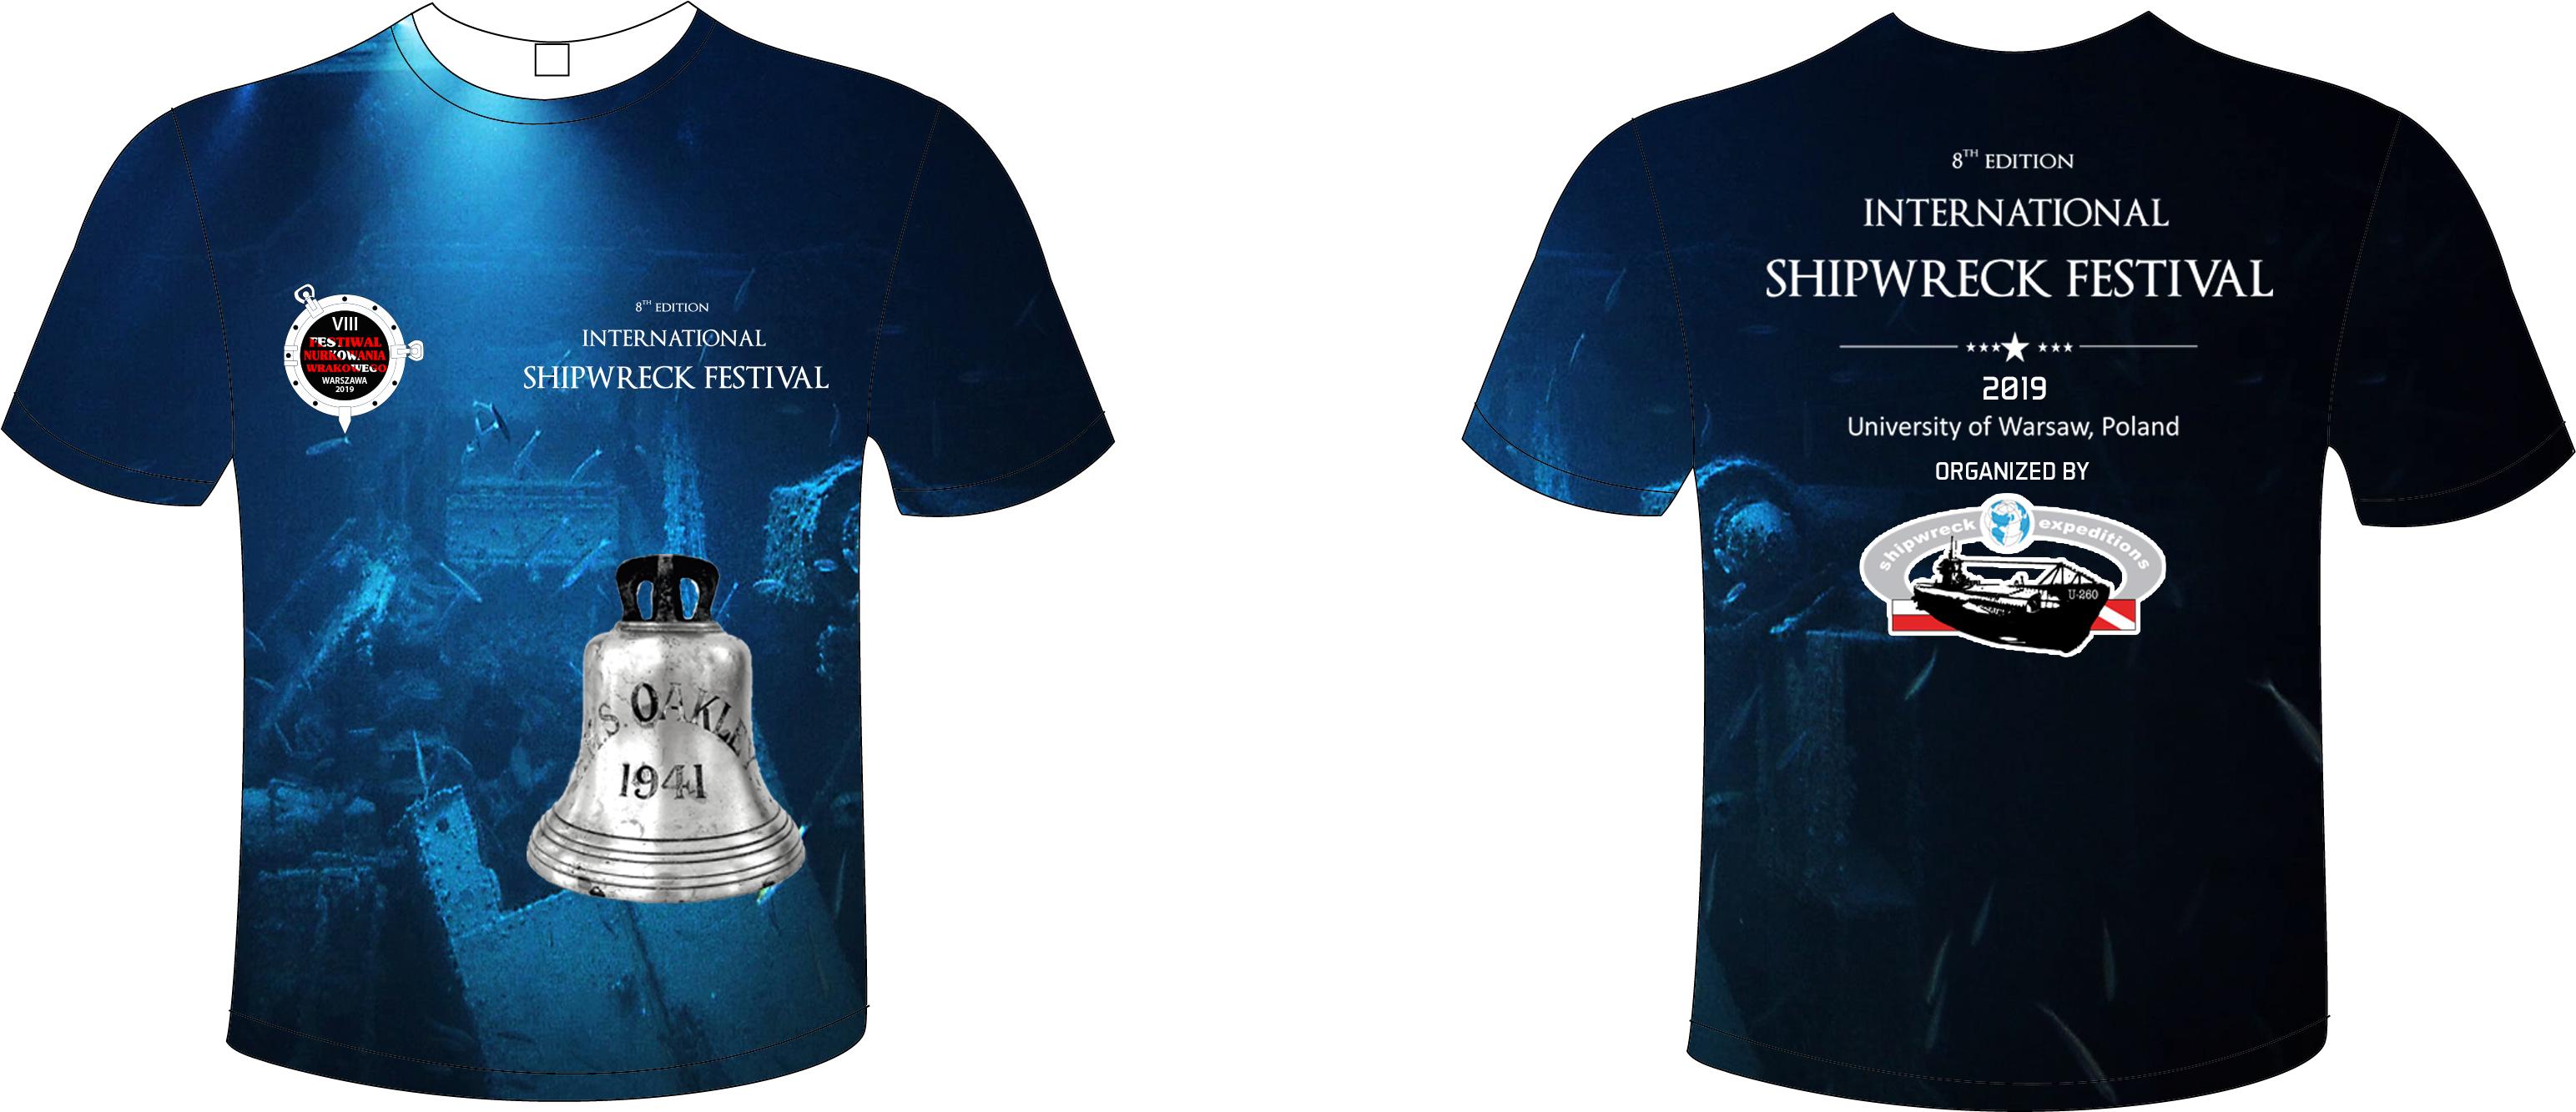 Zaktualizowano International Shipwreck Festival 2019 - VIII Międzynarodowy OZ11